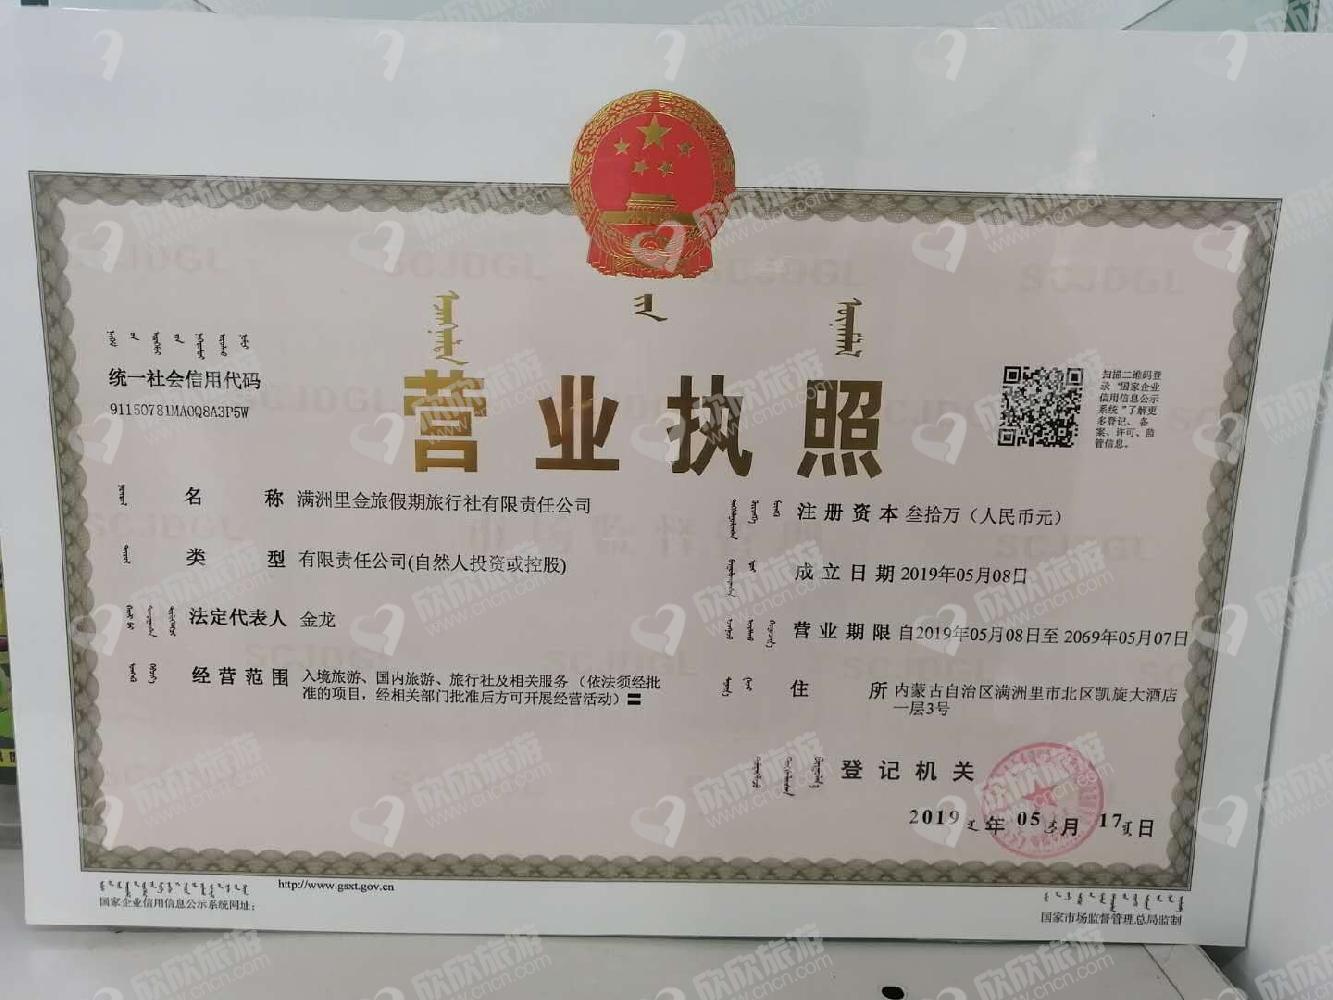 满洲里金旅假期旅行社有限责任公司营业执照